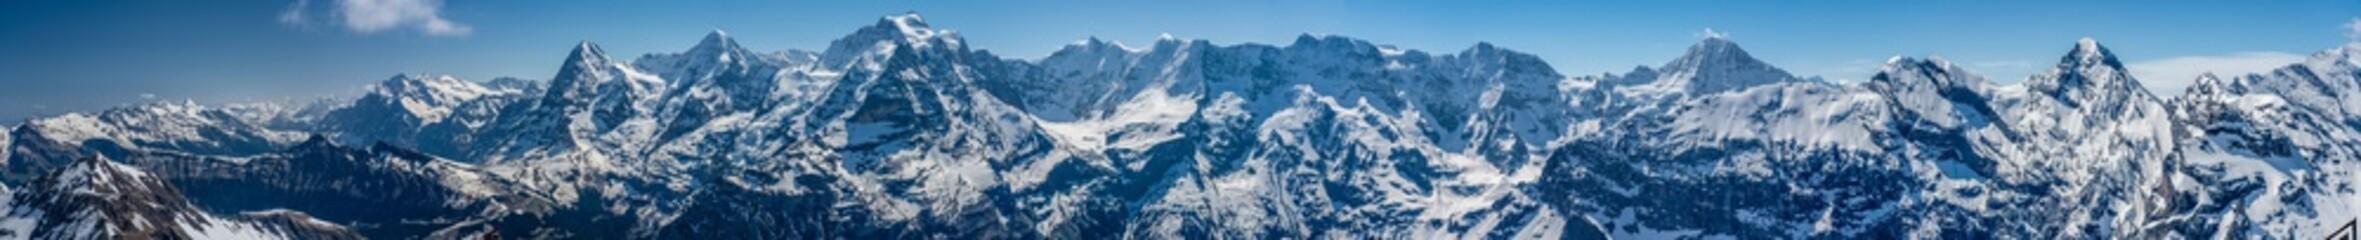 Switzerland, snow alps panorama view Fototapete